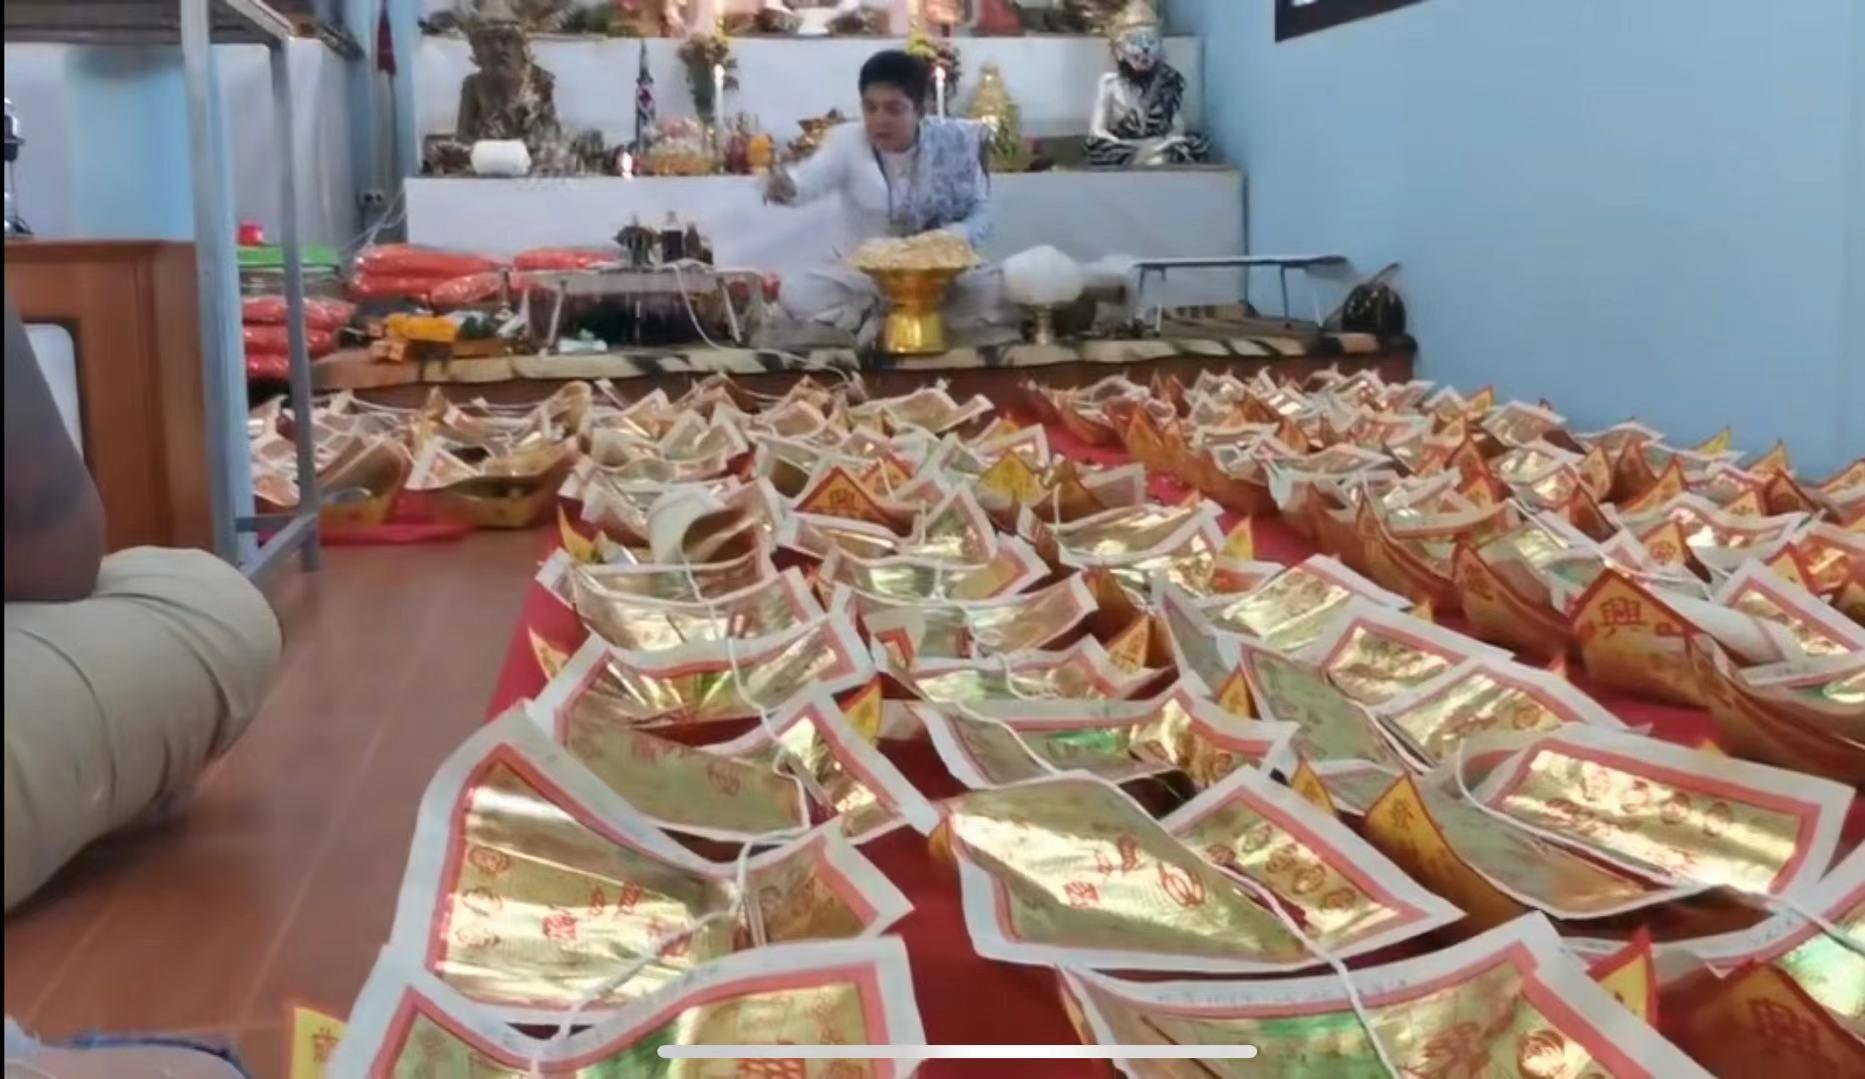 LISA生病,粉絲請泰國寺廟高僧念經加持,視頻畫面彆扭又詭異